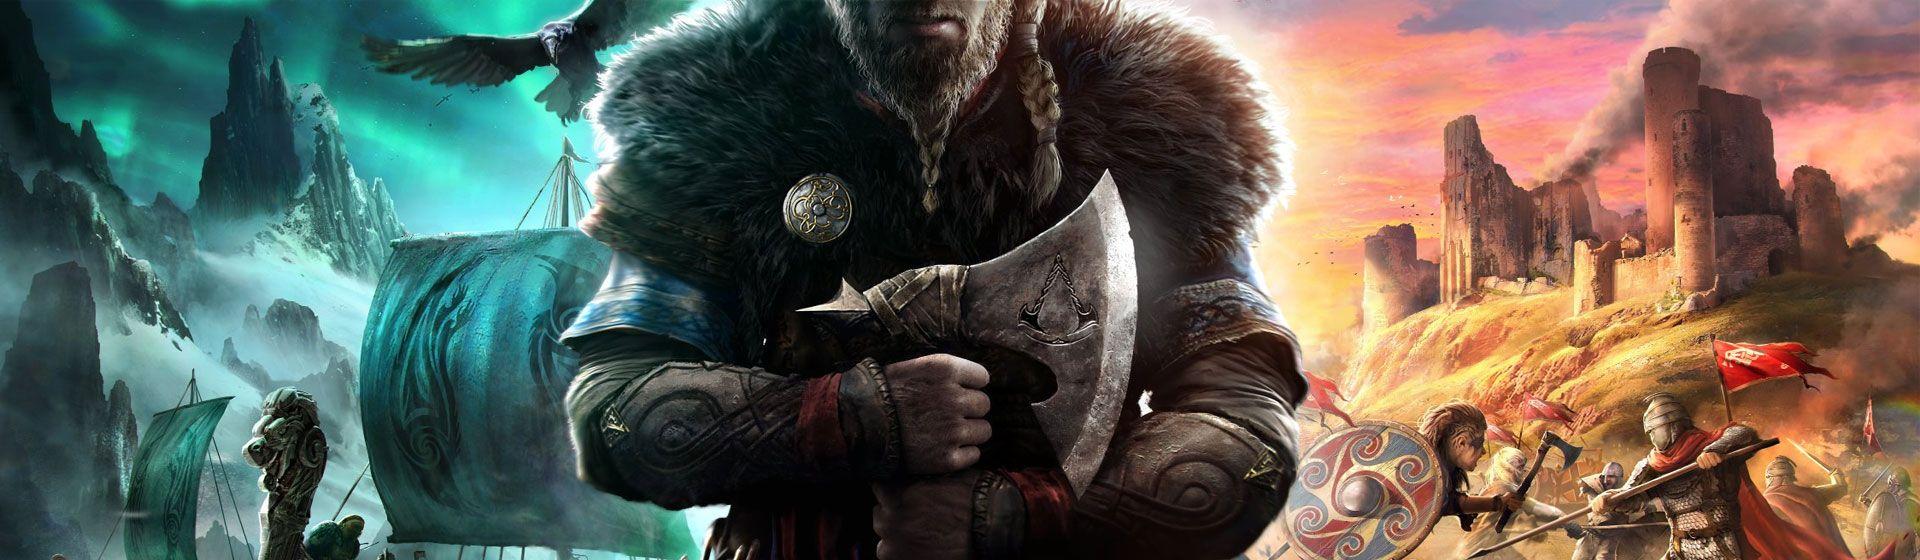 Assassin's Creed Valhalla é o maior lançamento da série, diz Ubisoft